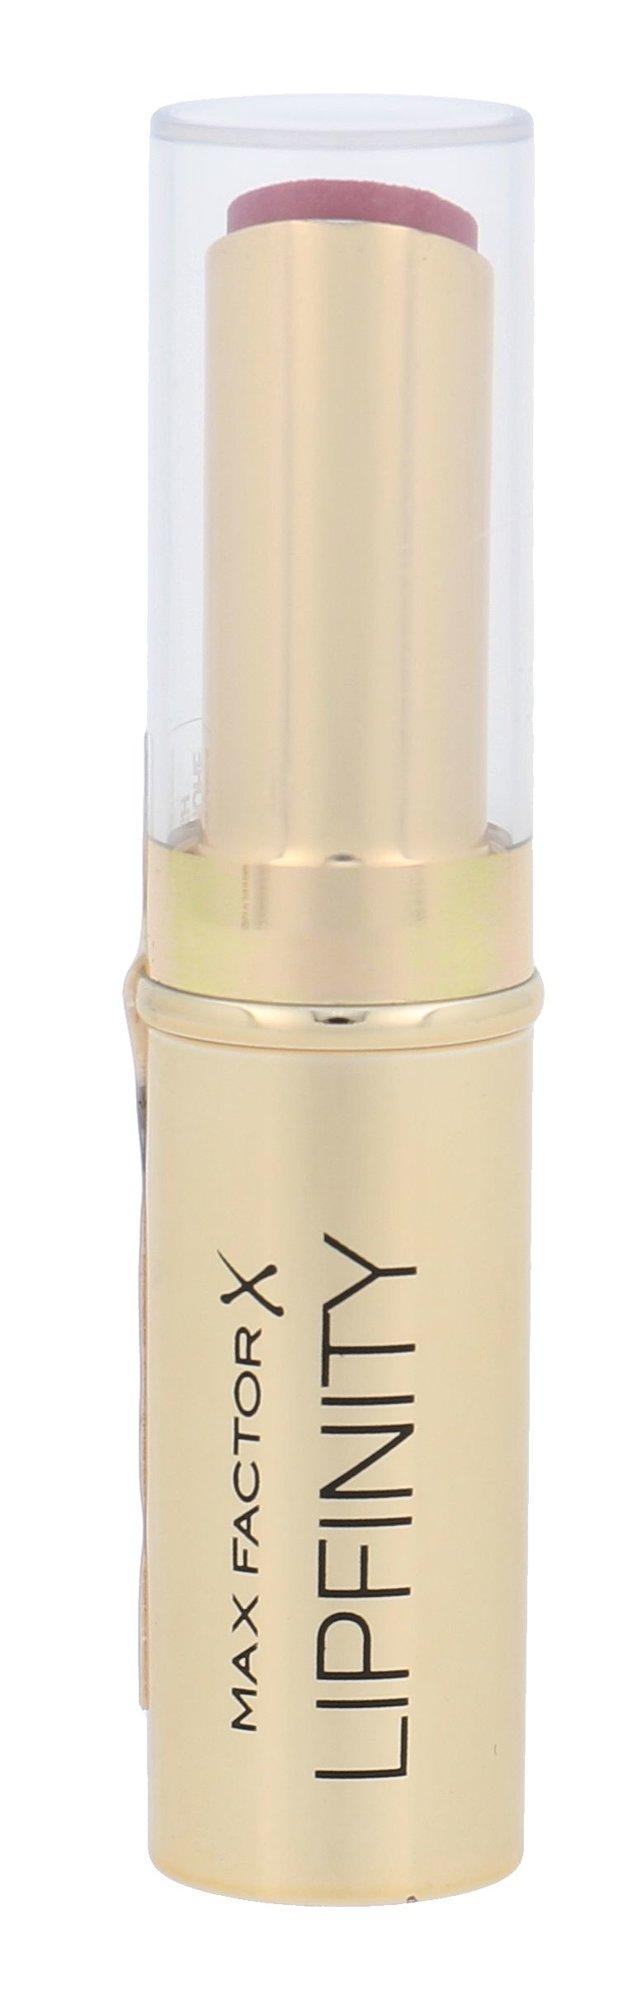 Max Factor Lipfinity Cosmetic 3,4ml 60 Evermore Lush